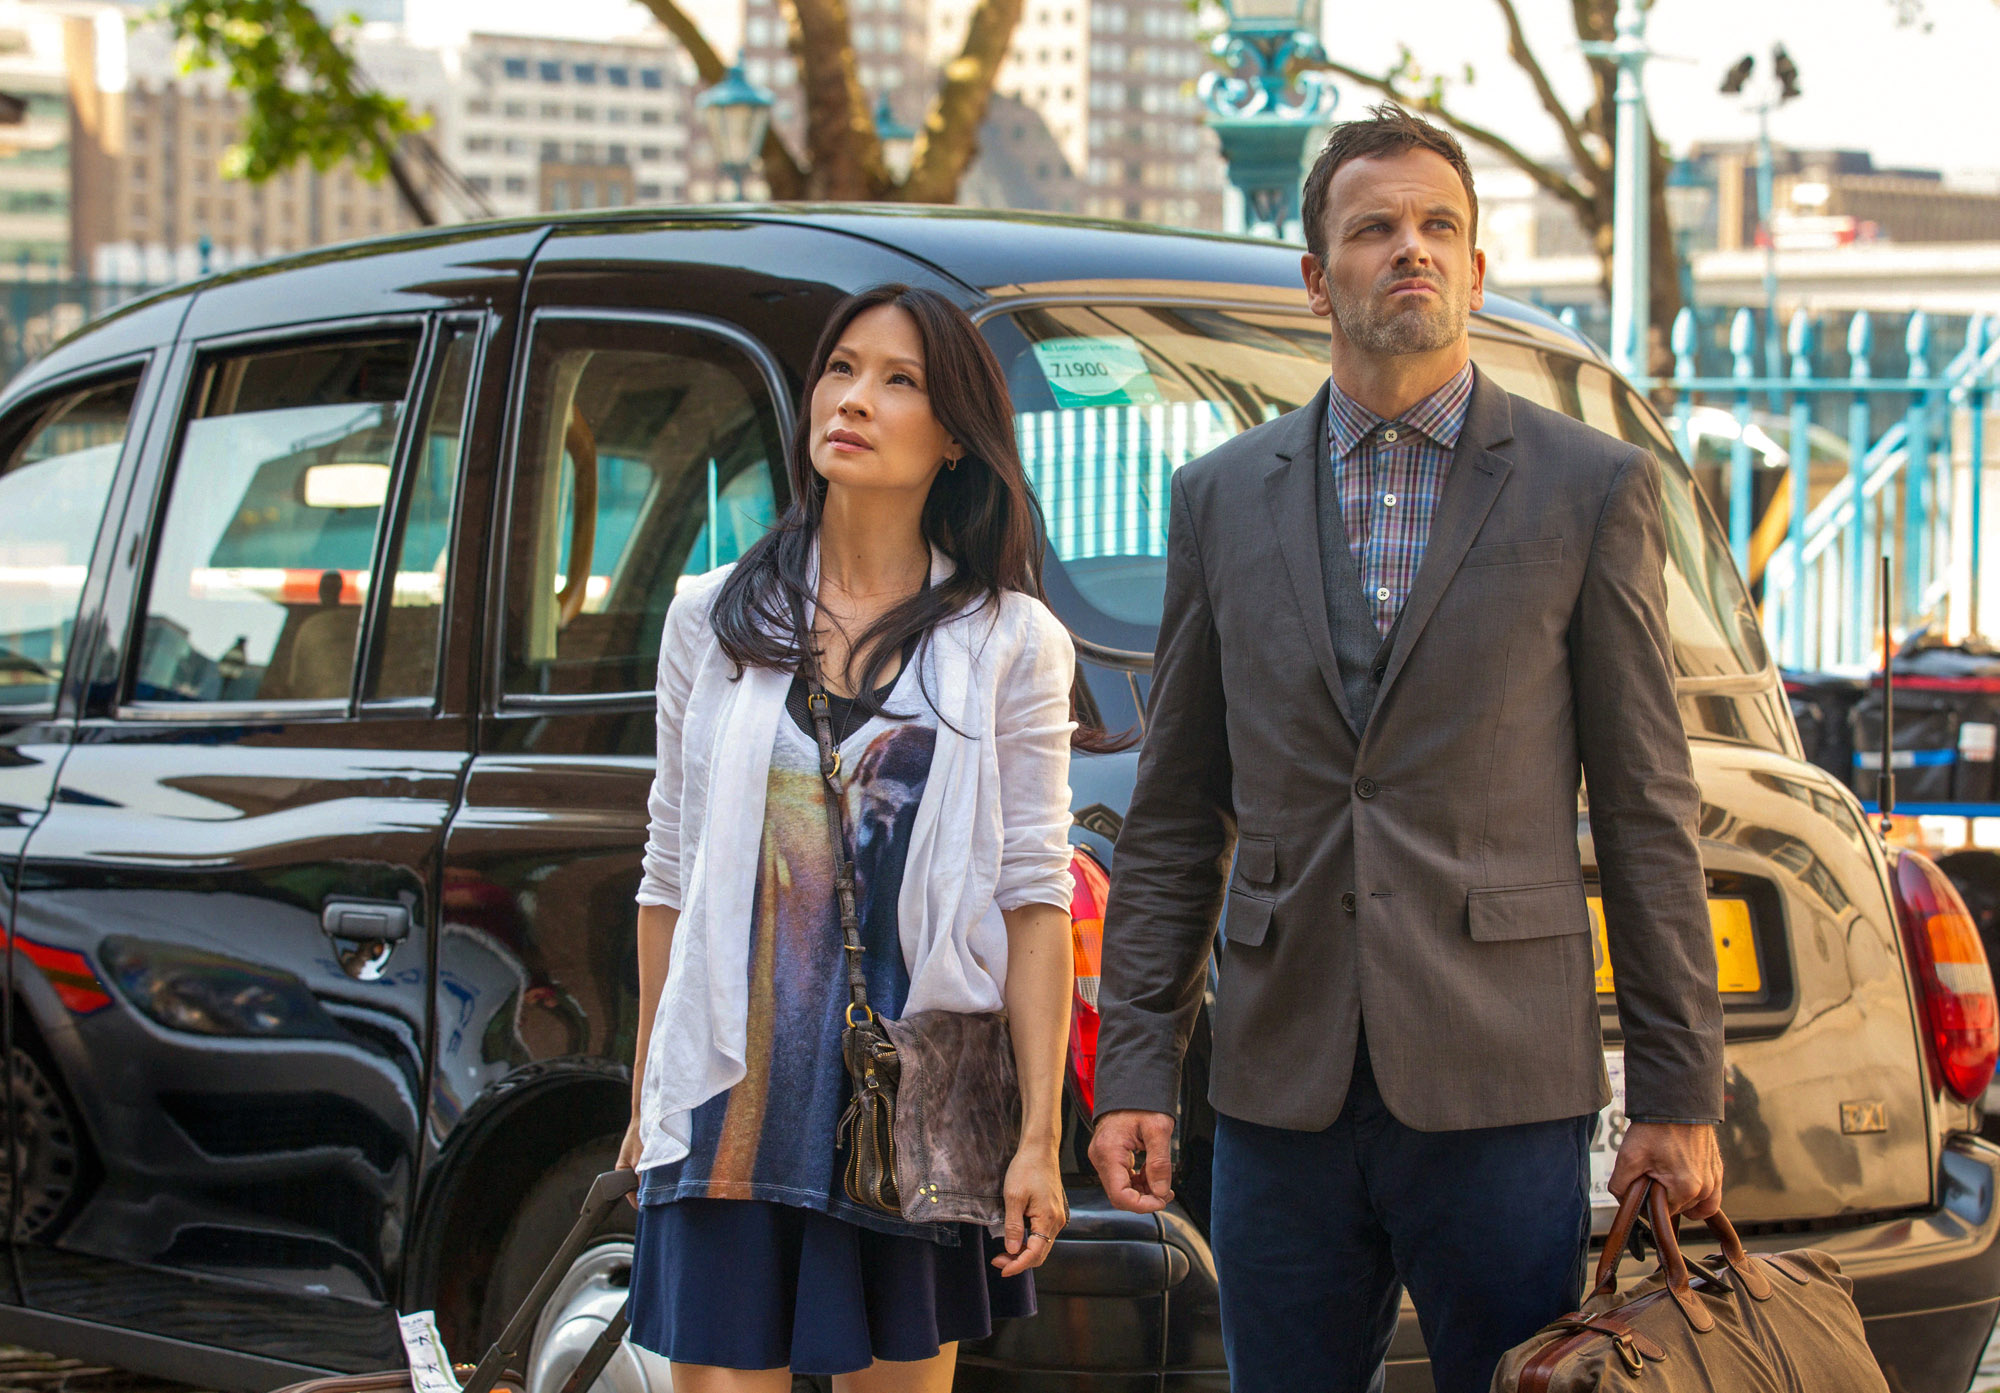 Jonny Lee Miller and Lucy Liu  begin filming season 2 in London